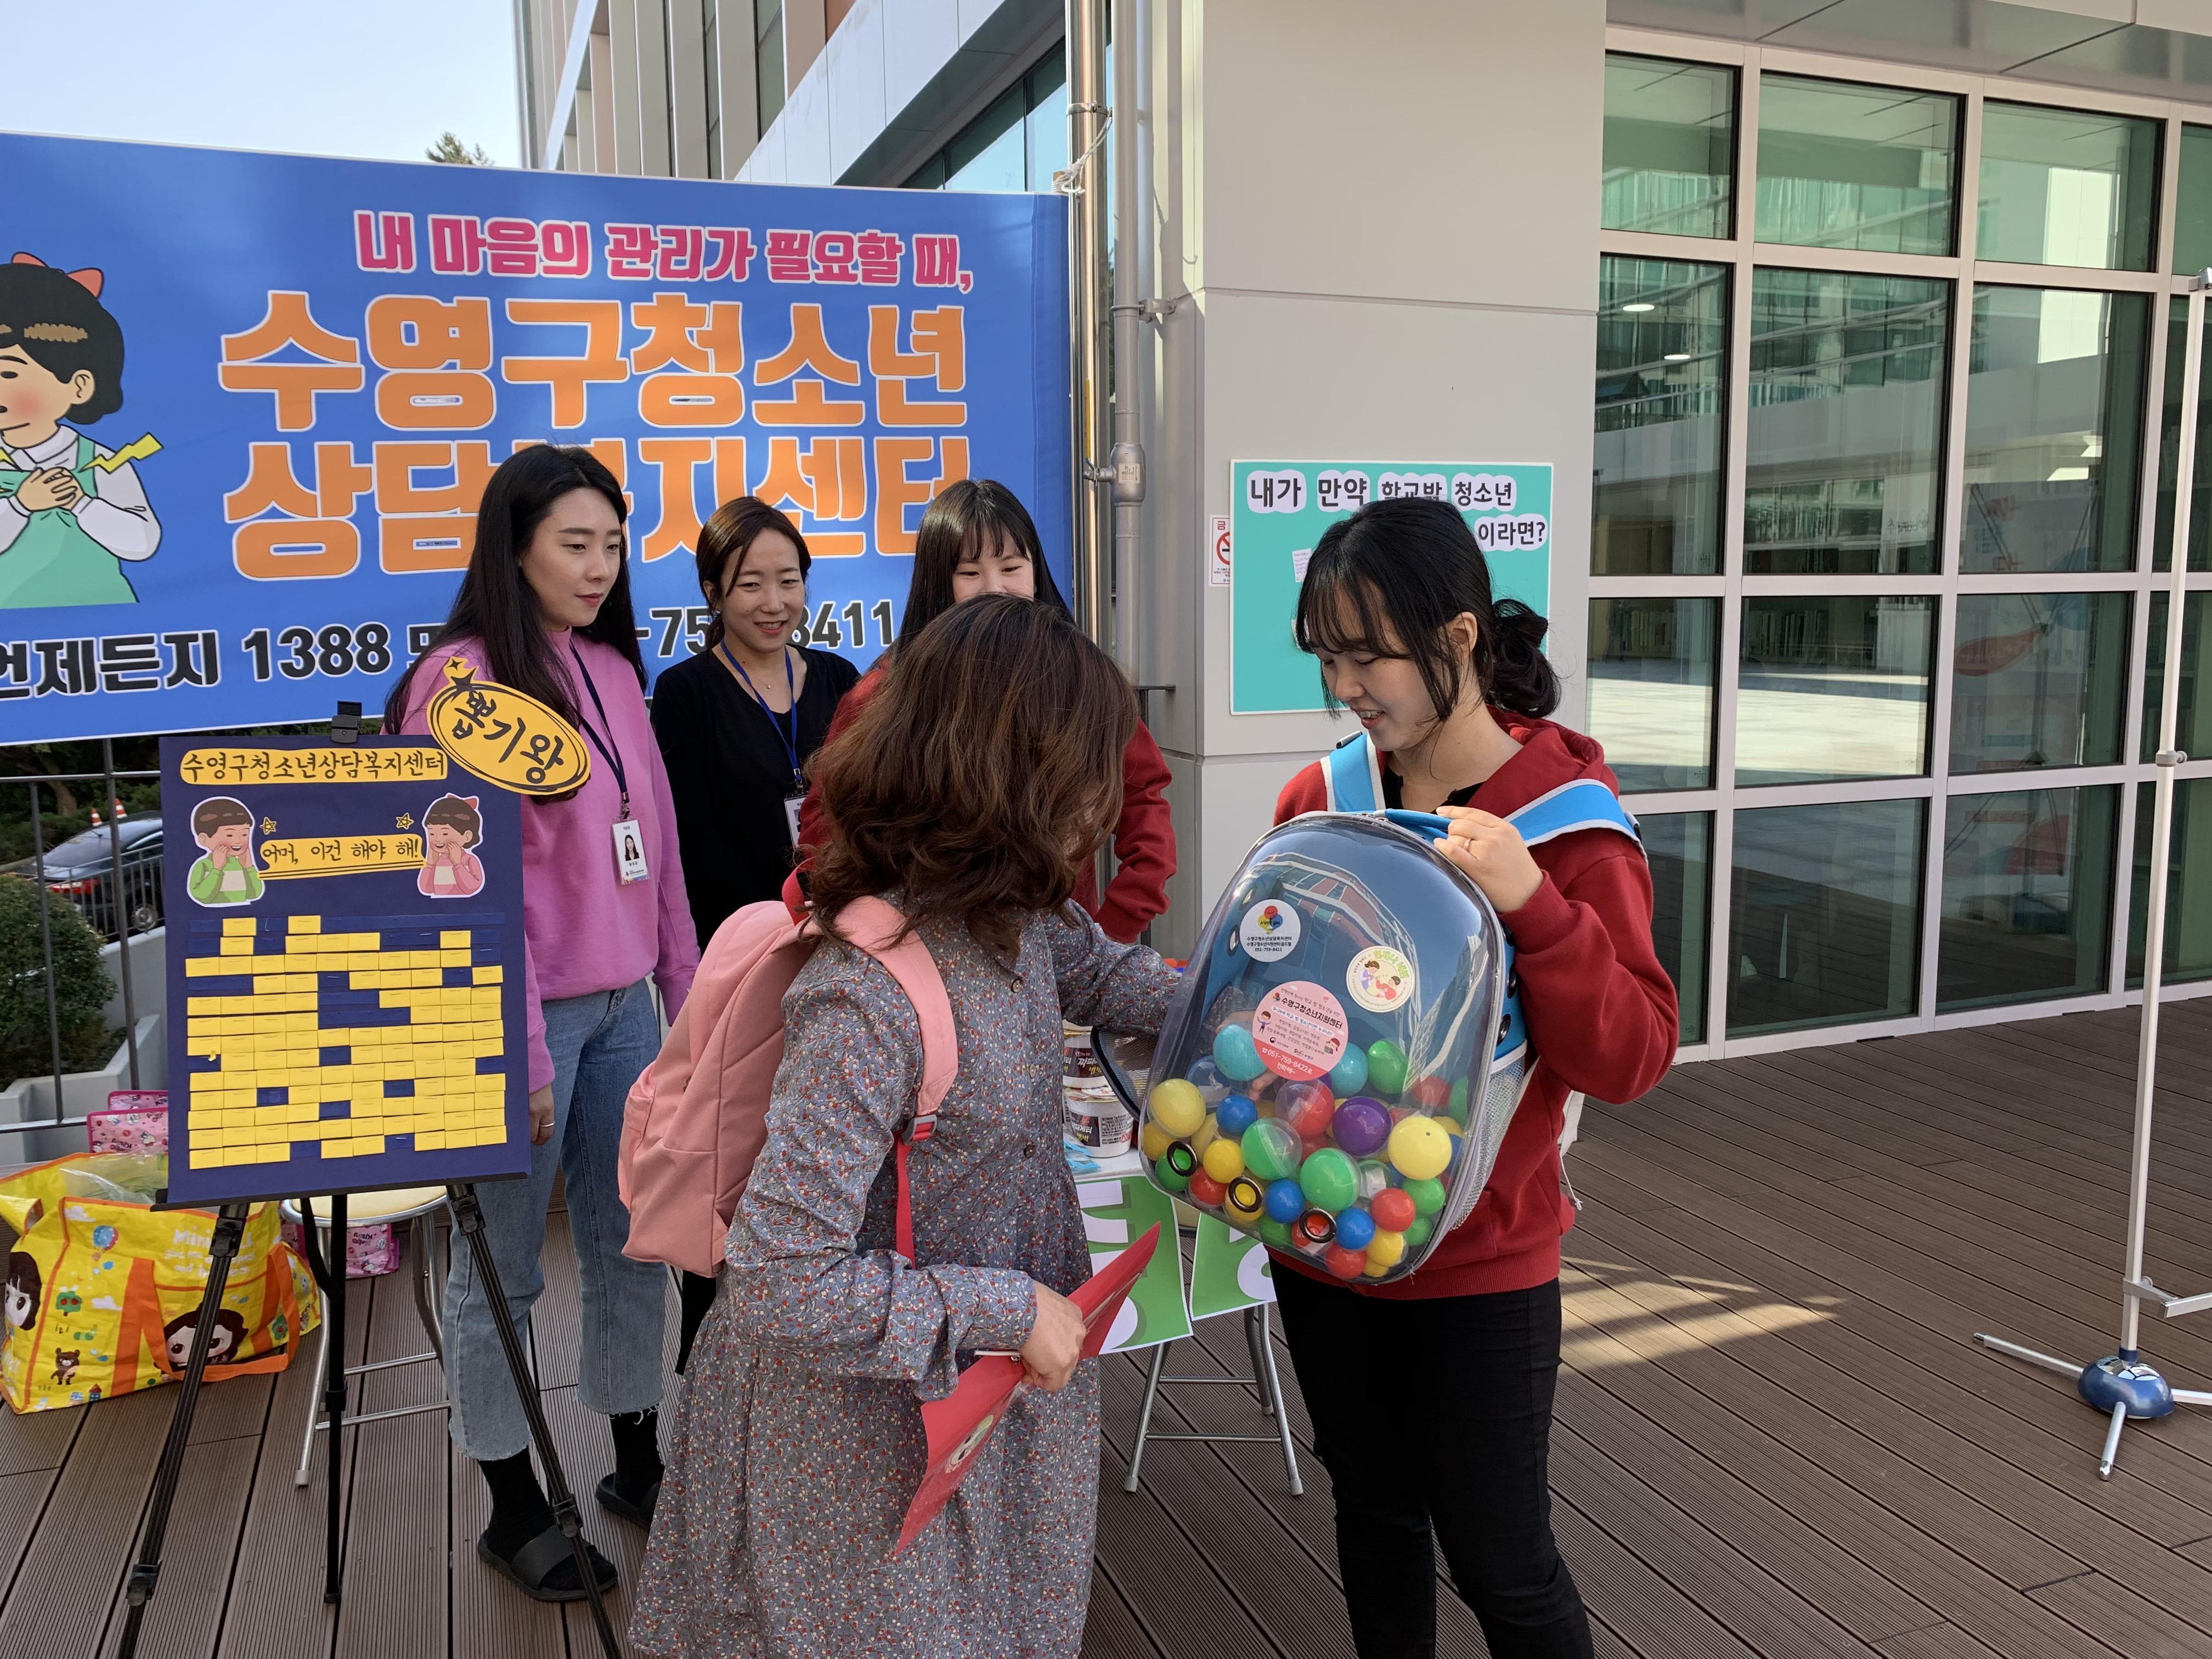 2019.10.10 센터 홍보 아웃리치(9)